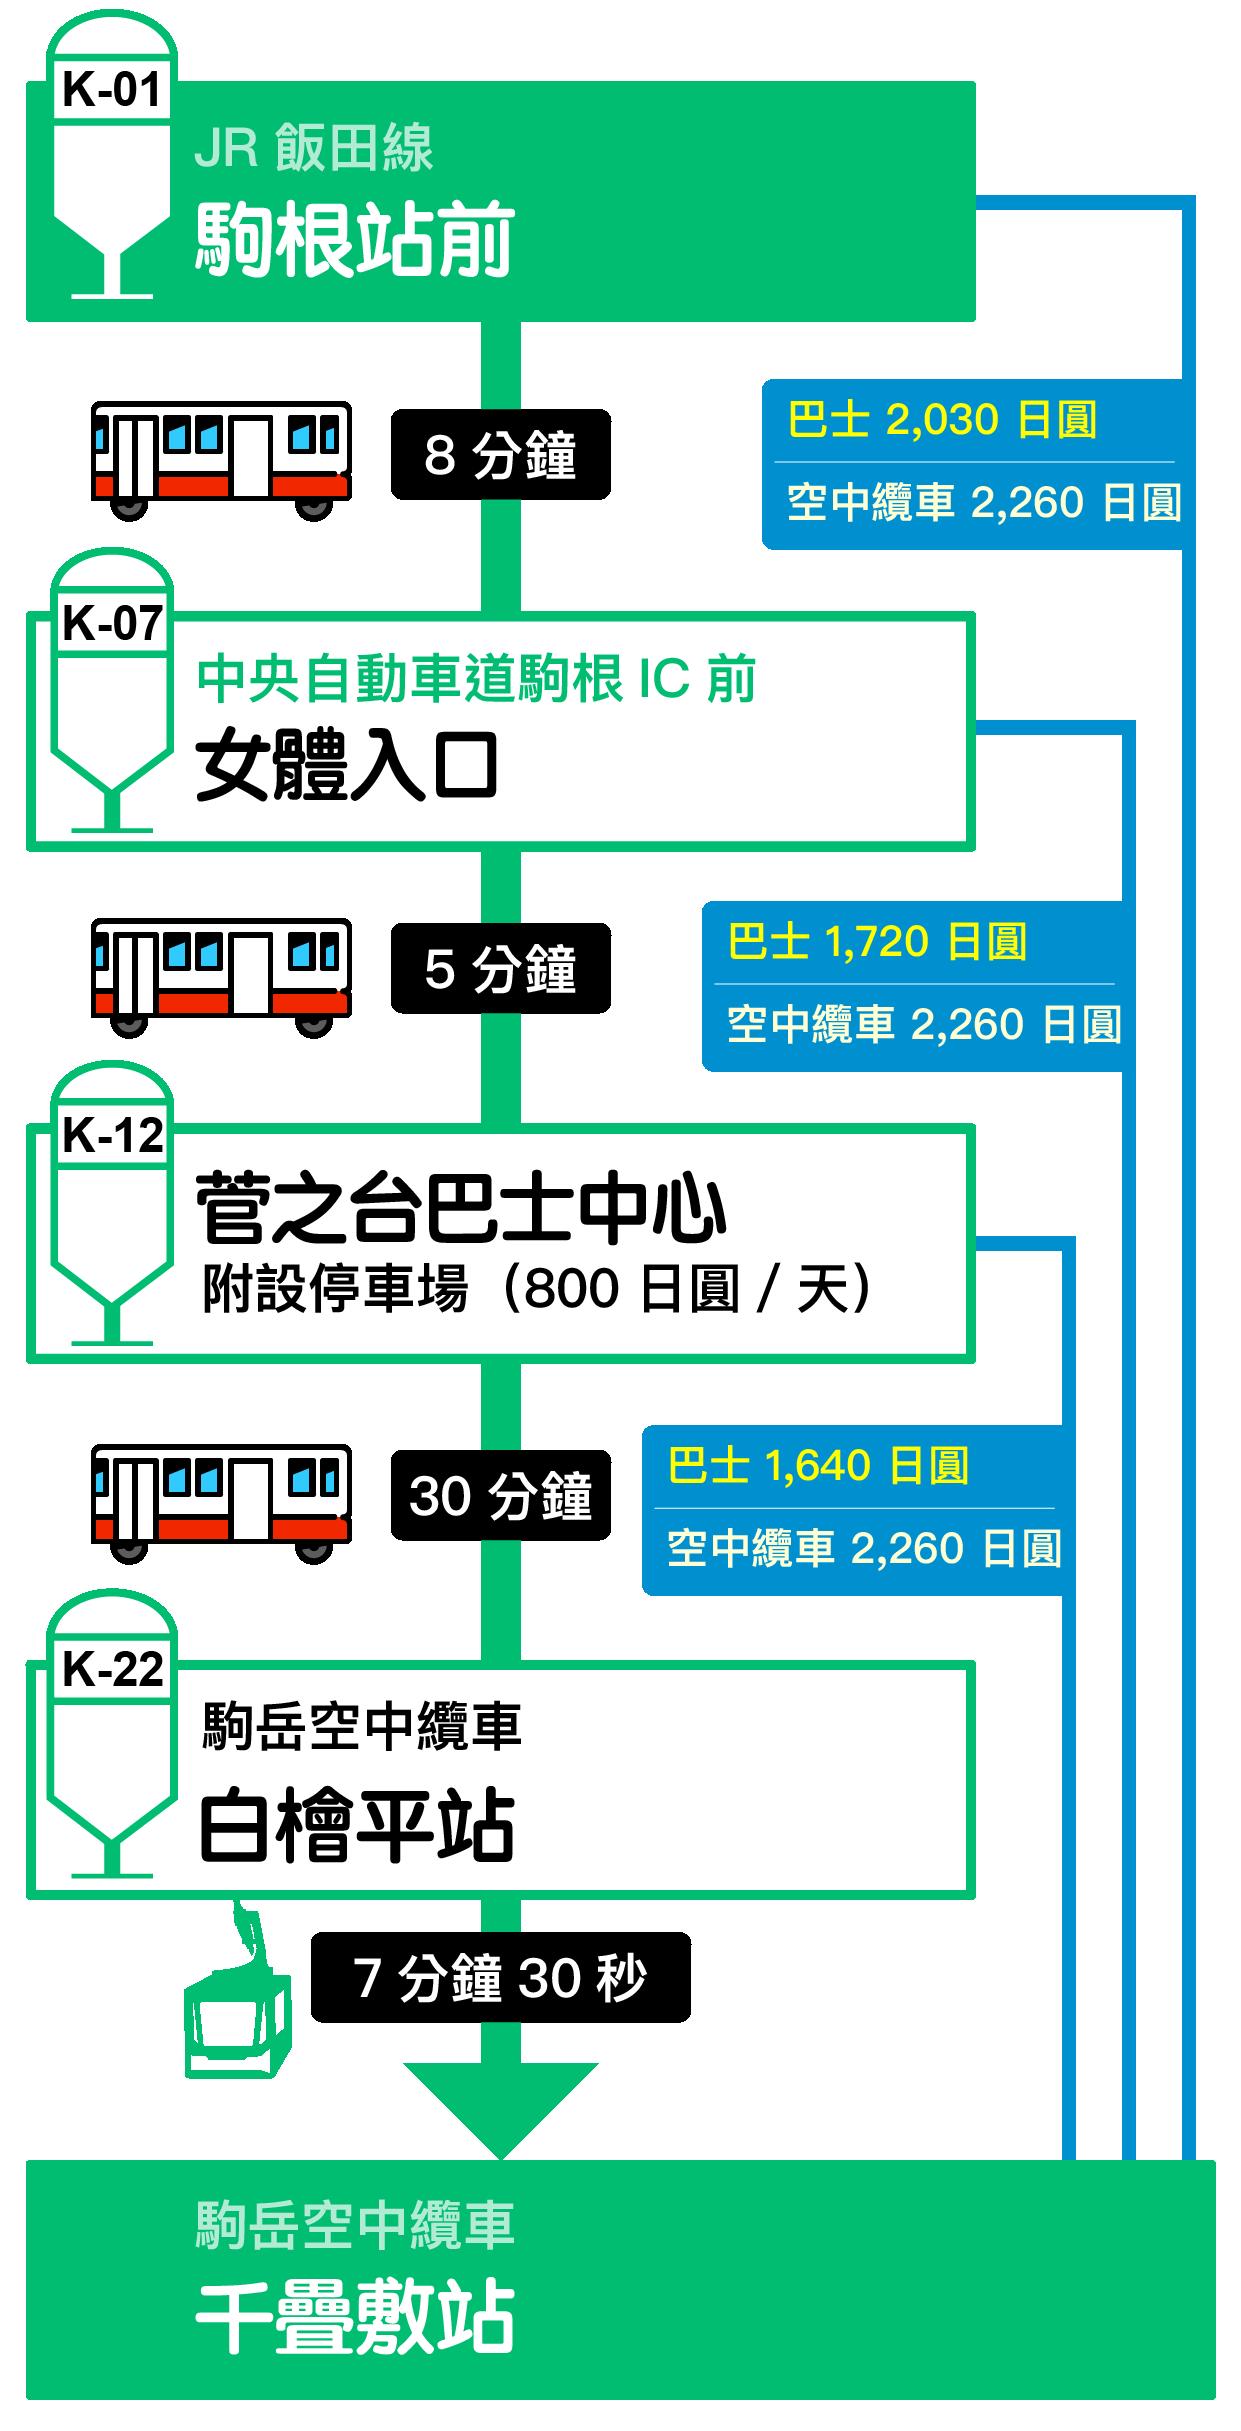 access-car-tw-201906-02